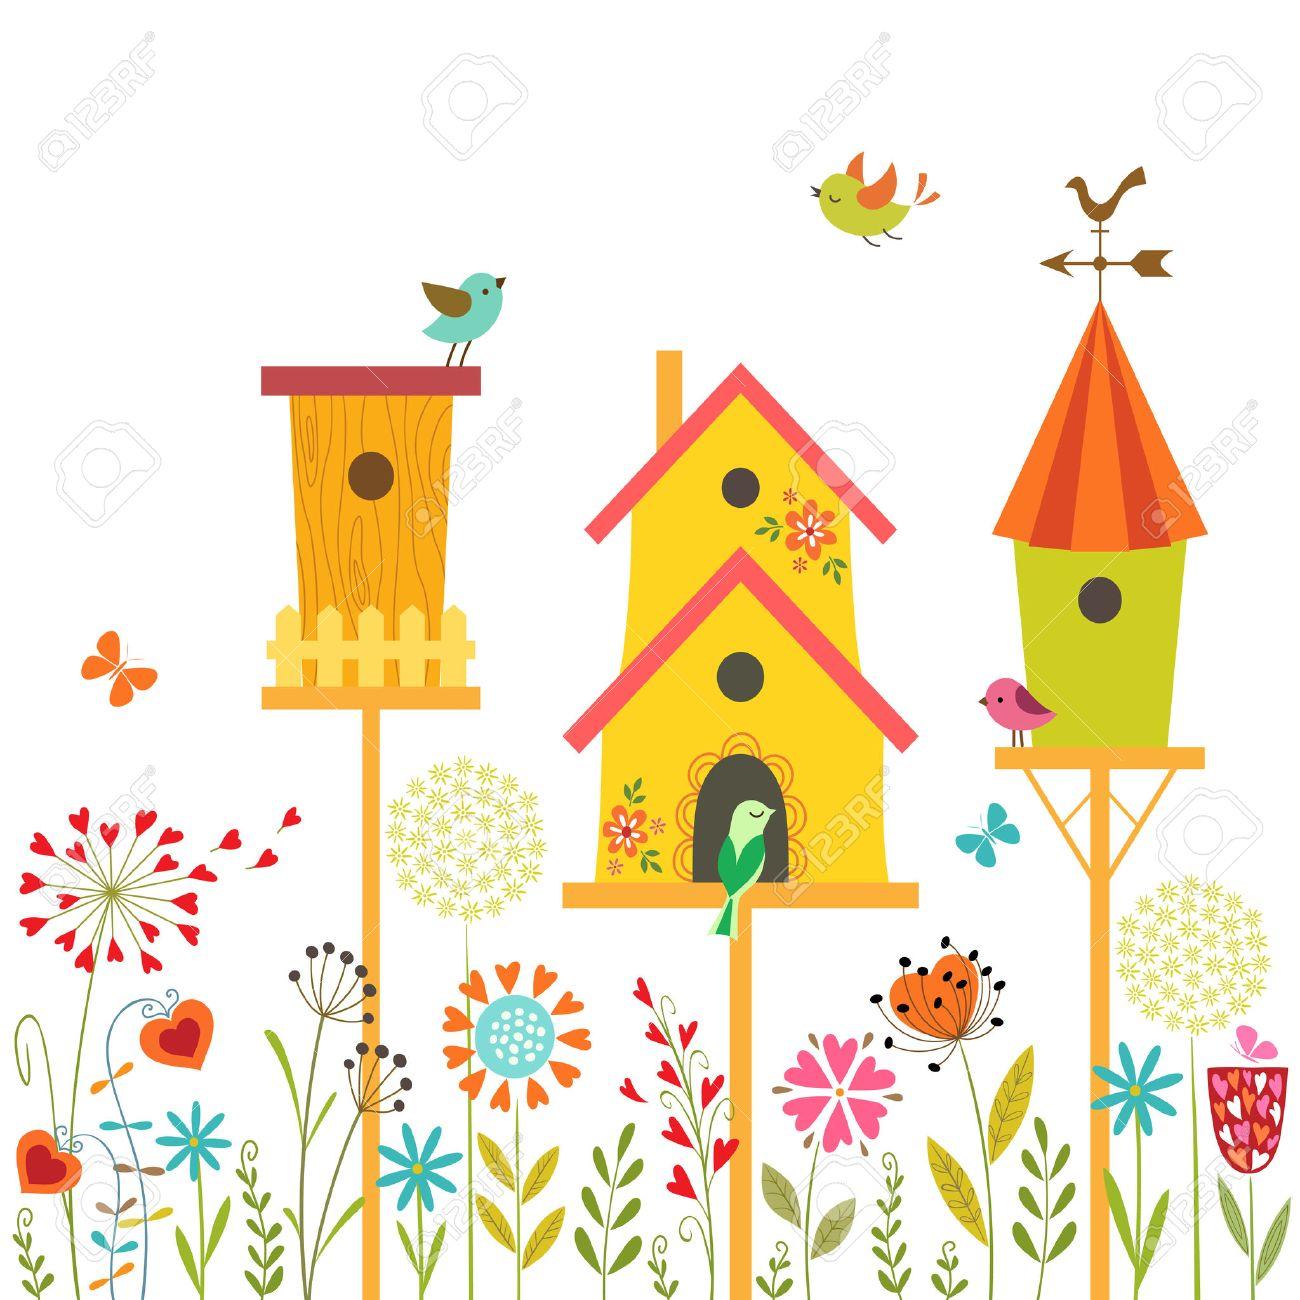 鳥の家でかわいいイラスト手描き下ろし花やテキストのための場所の